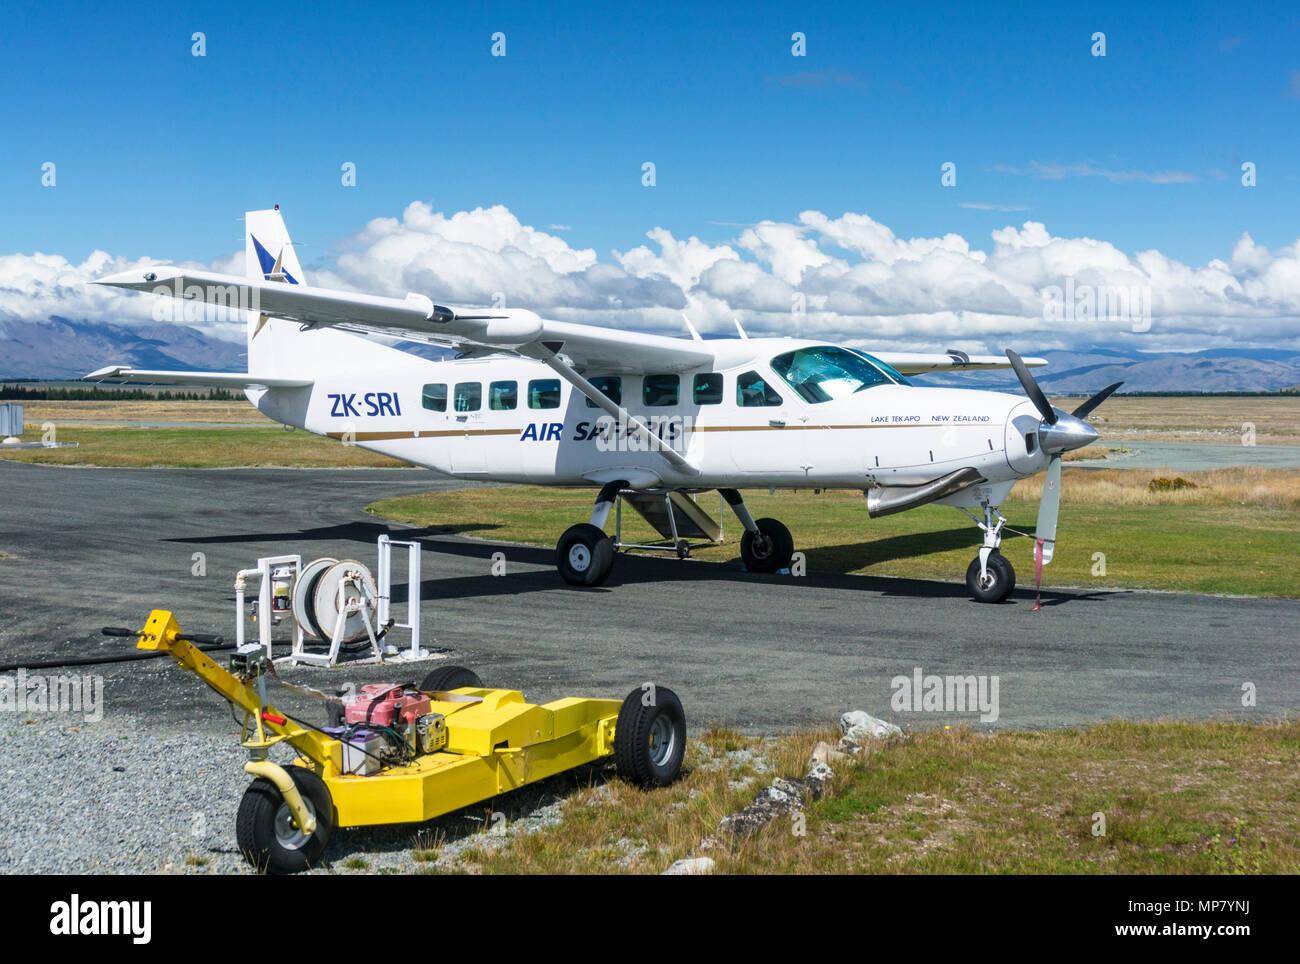 Aire safari lago Tekapo vuelos panorámicos sobre el Monte Cook y los glaciares de la región de Canterbury distrito Mackenzie, Isla del Sur, Nueva Zelanda Nueva Zelanda Imagen De Stock